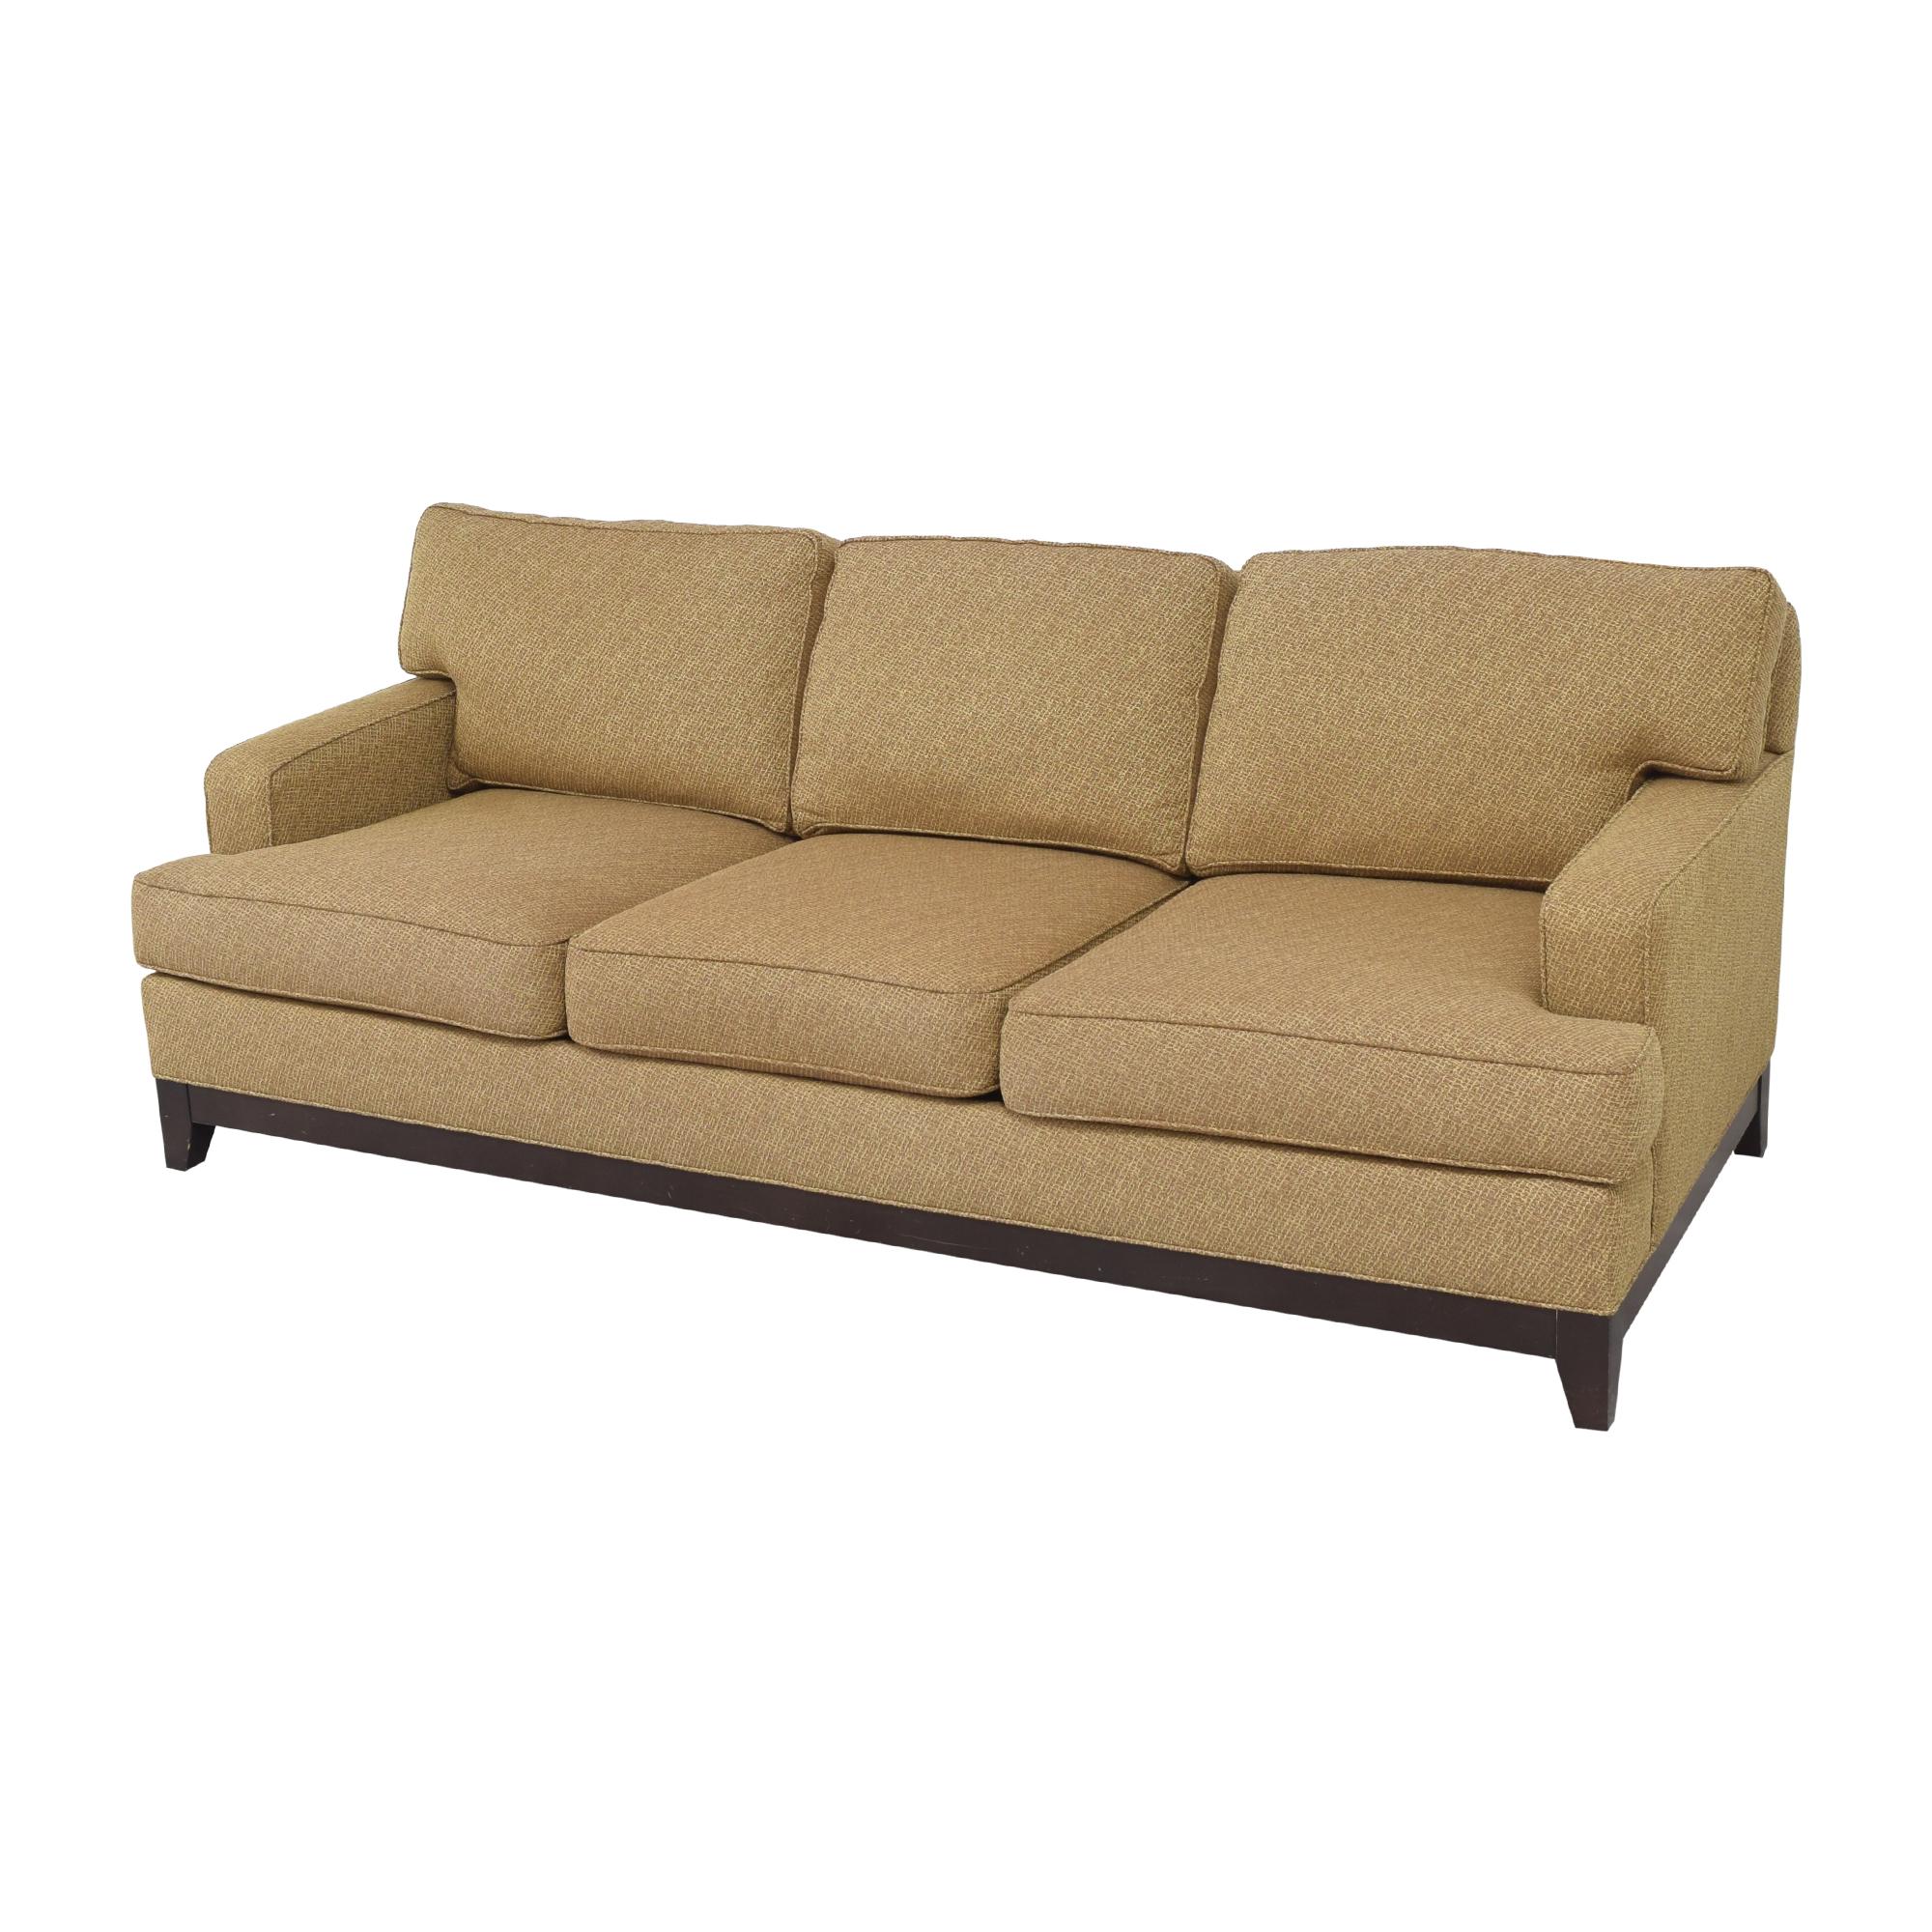 Ethan Allen Ethan Allen Arcata Sofa ma